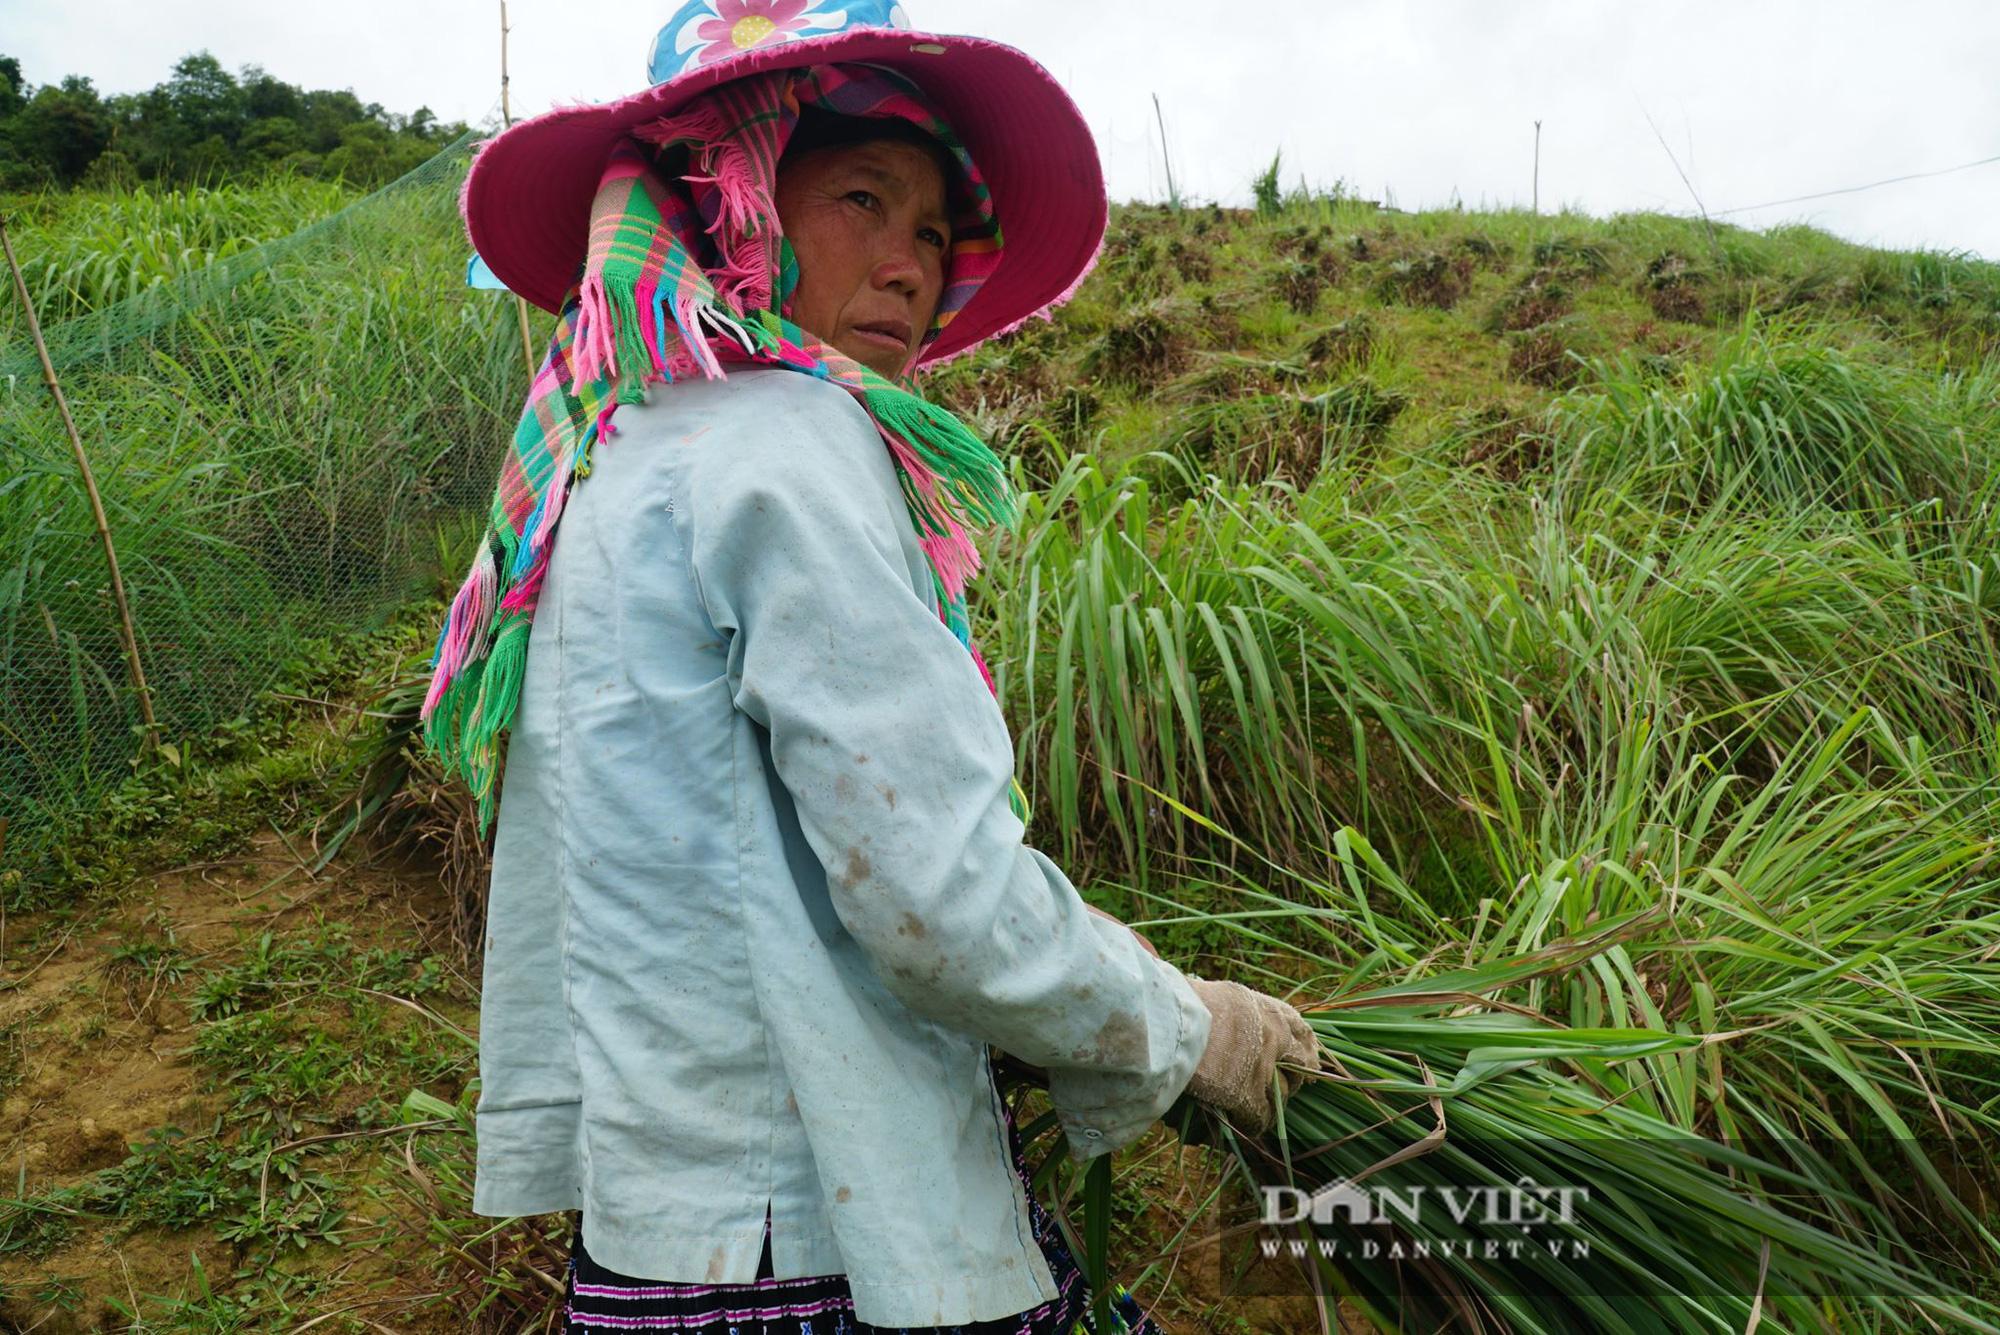 Dân ở đây trồng cây mọc từng khóm để lấy tinh dầu, trồng đến đâu có người lo đến đó - Ảnh 1.